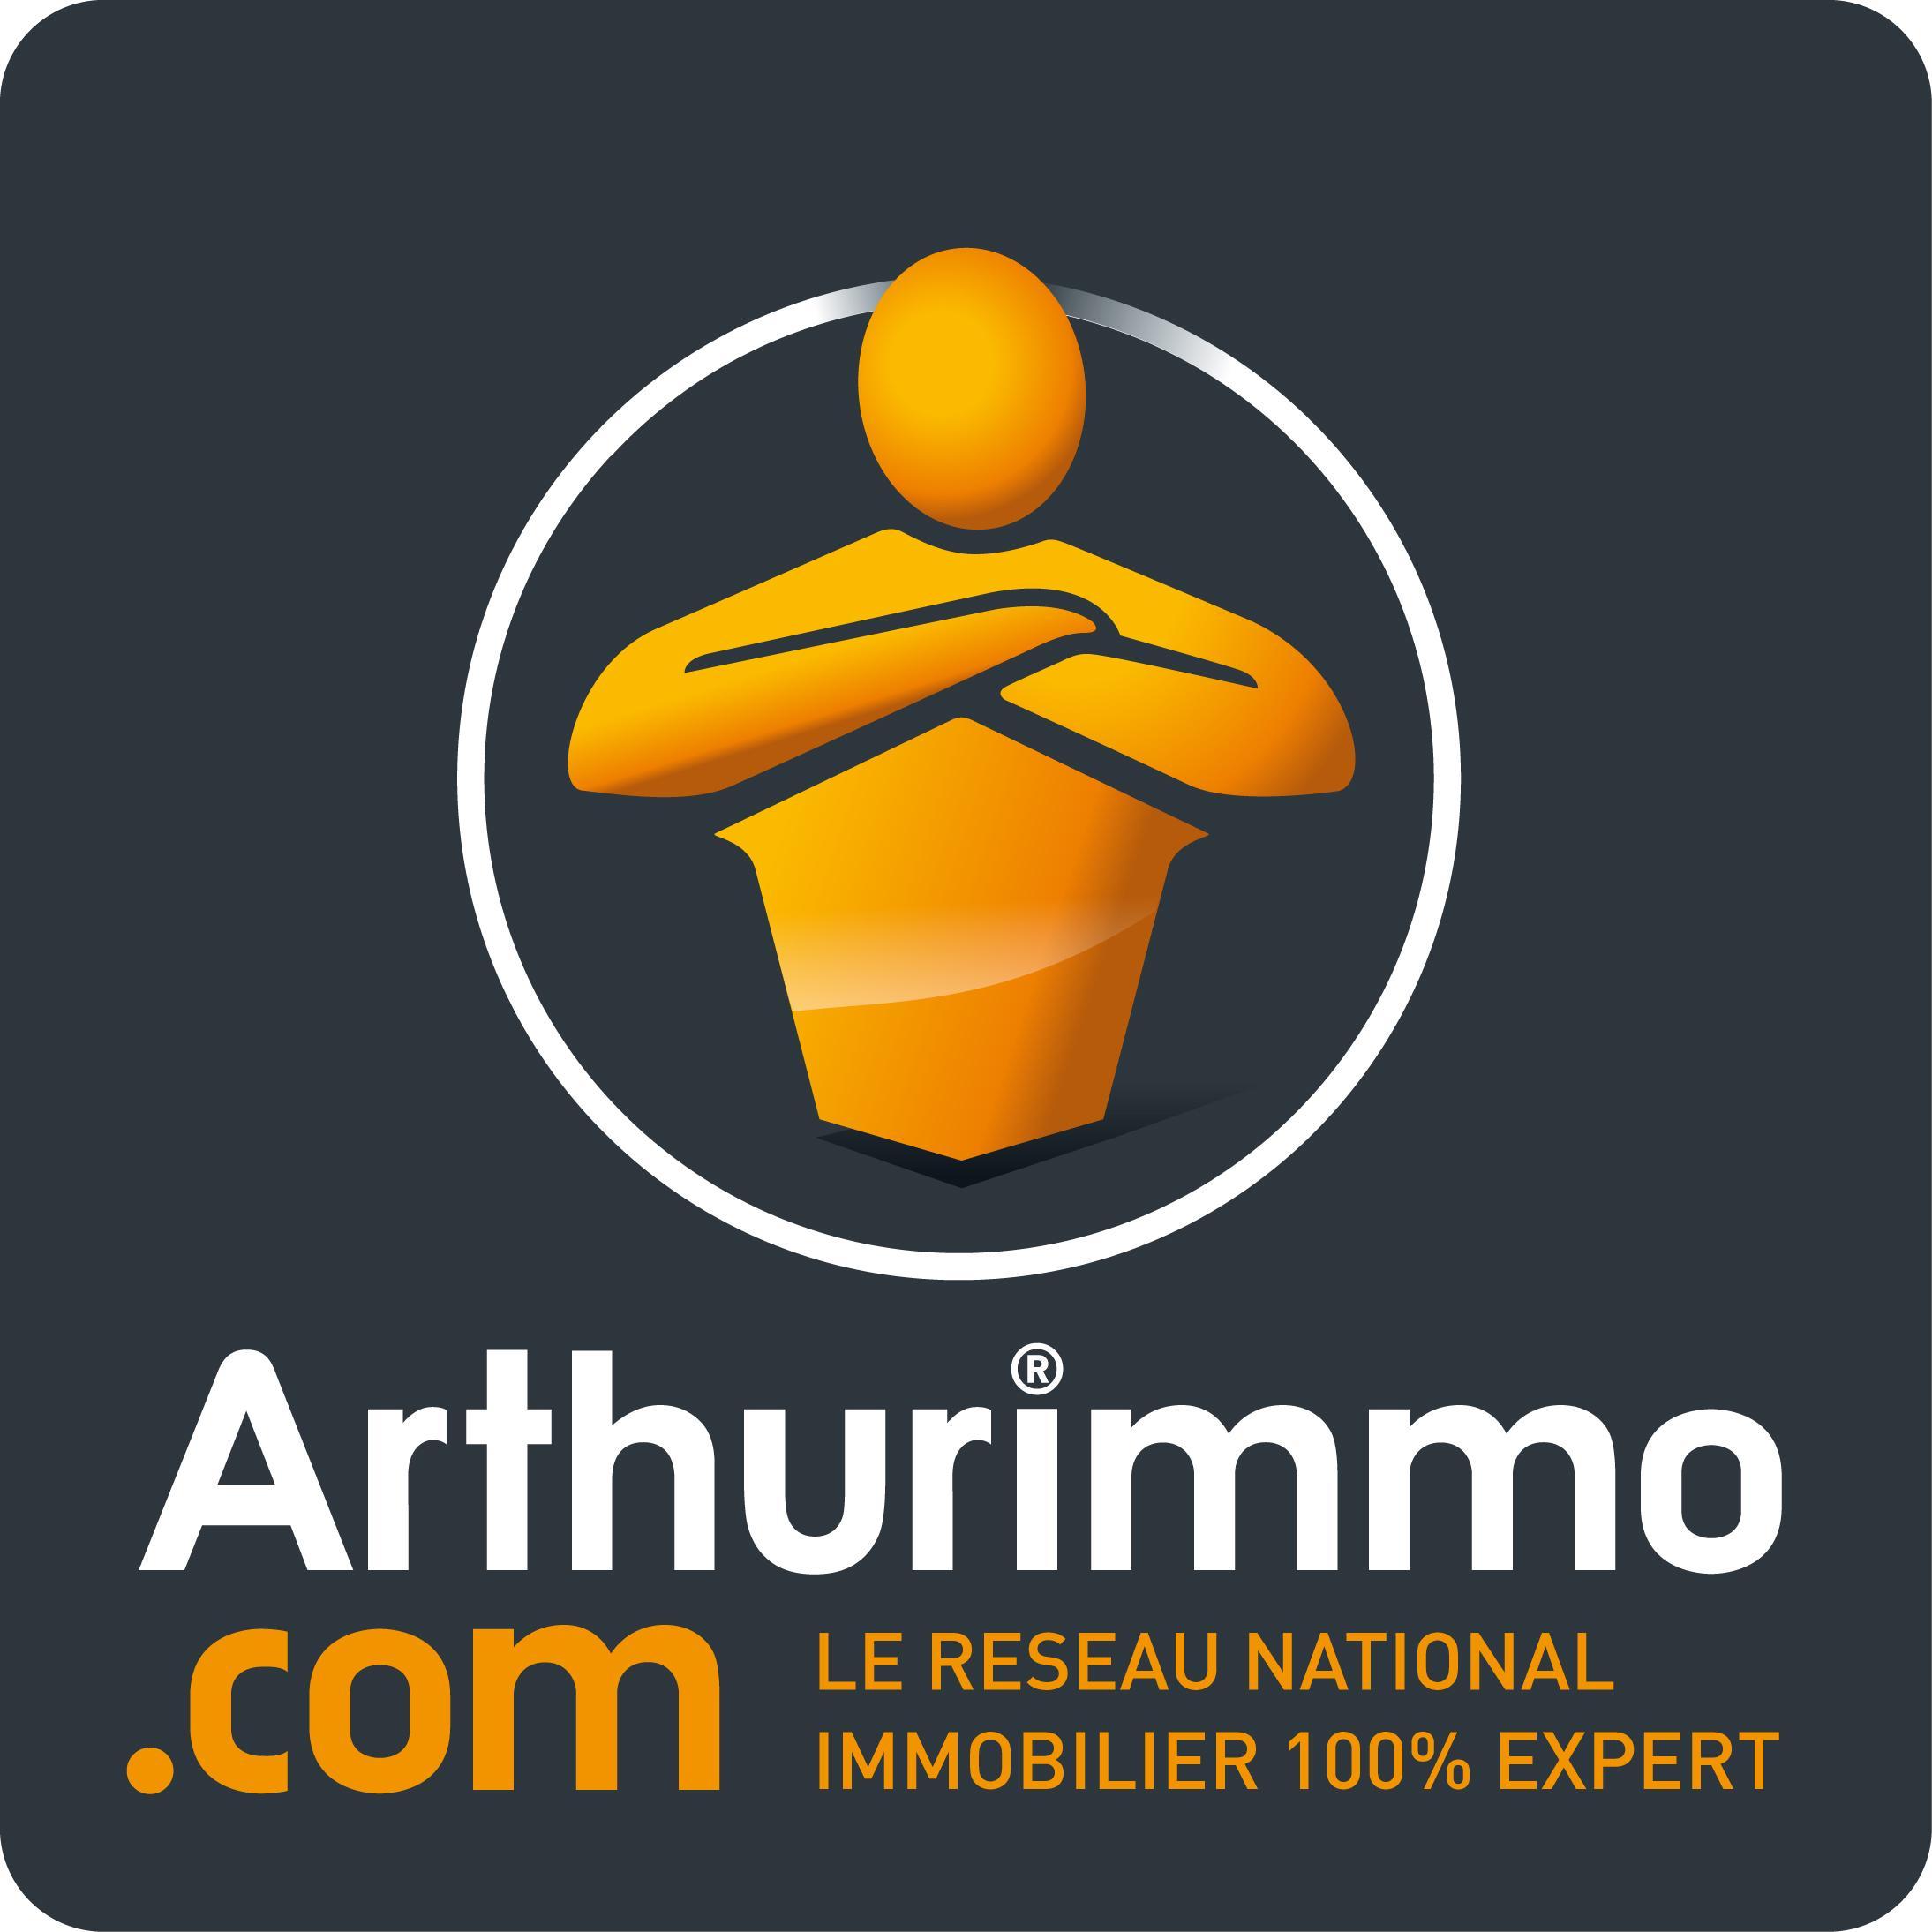 Arthurimmo.com Agence Saint Martin agence immobilière Thorigny-sur-Marne (77400)